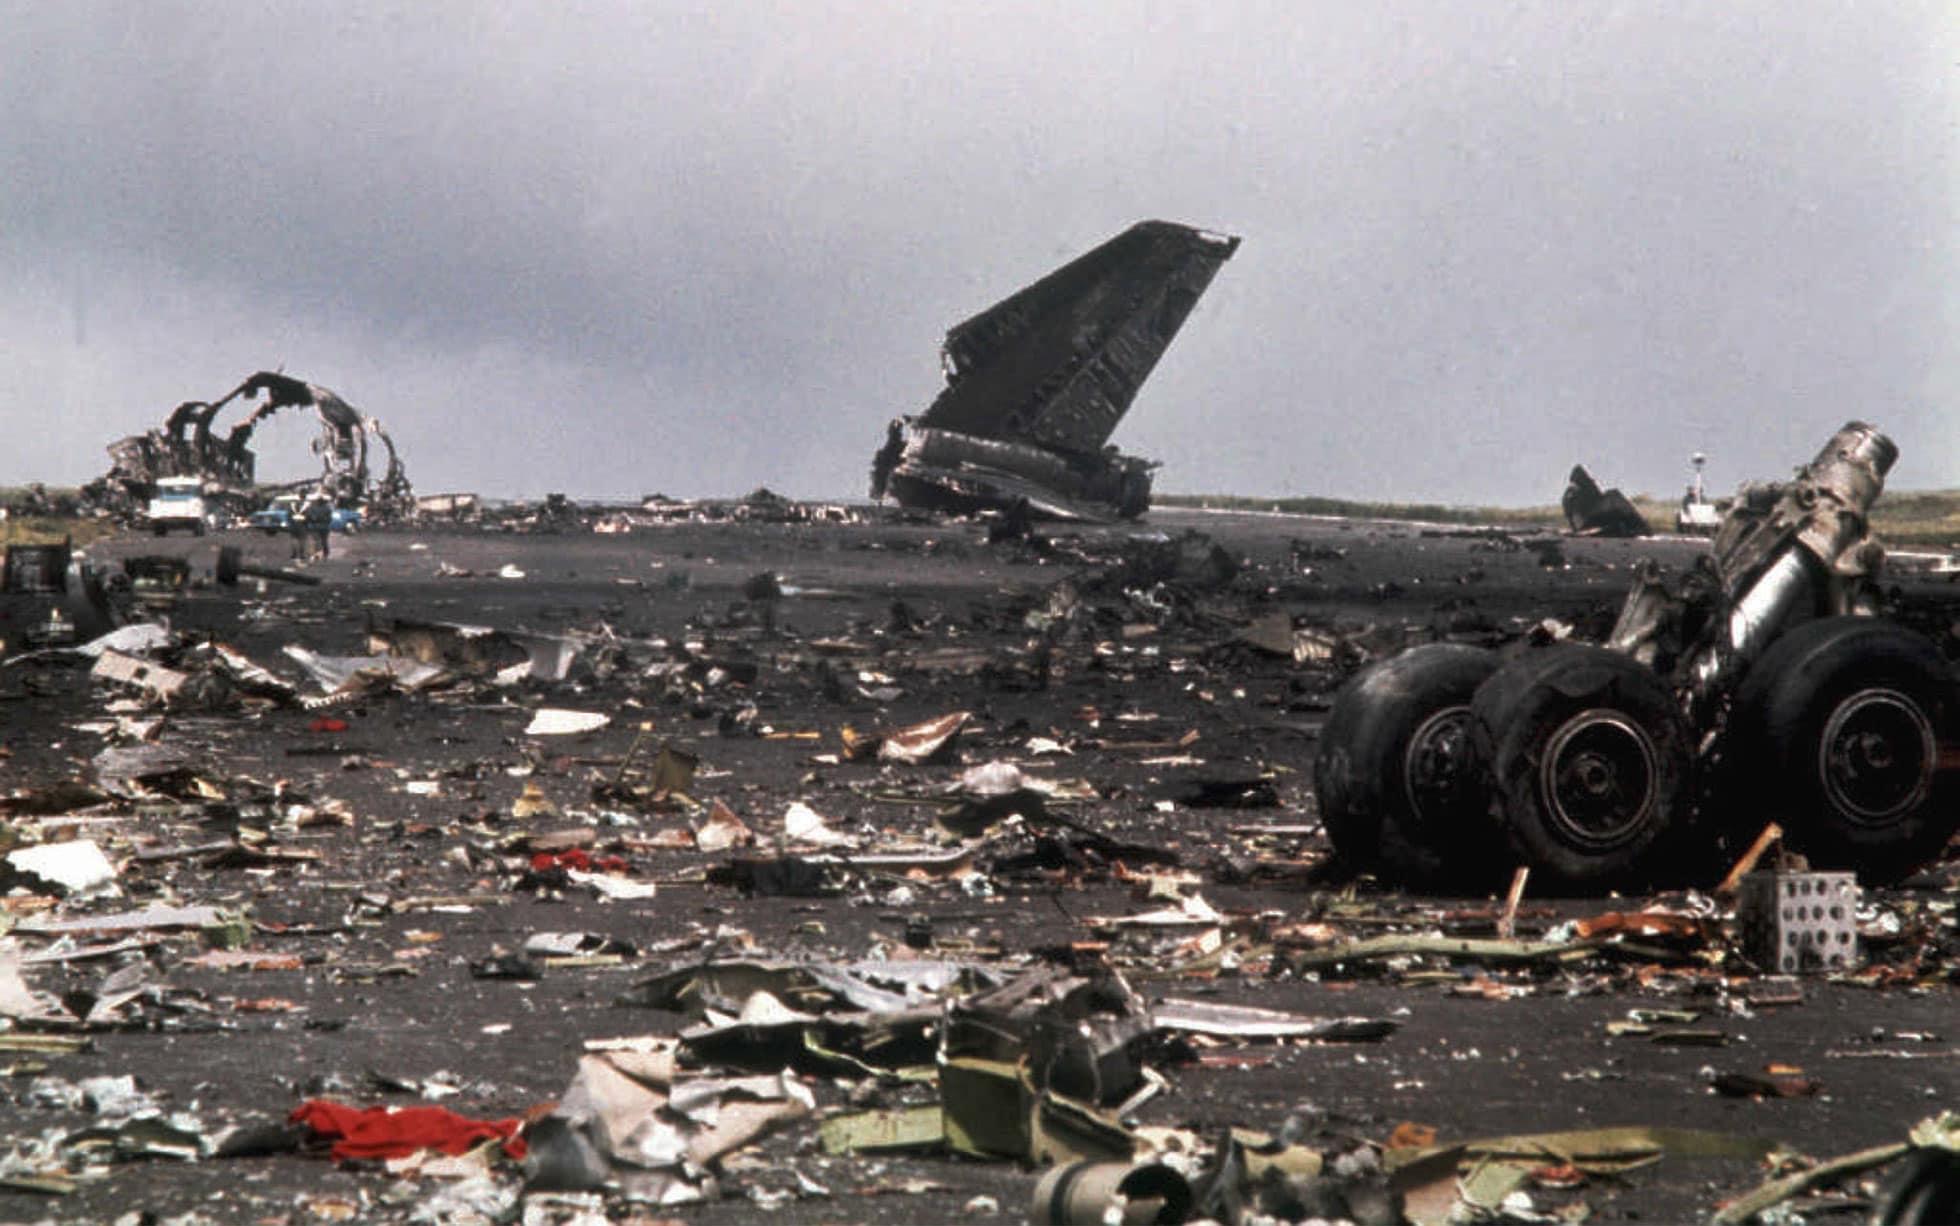 อุบัติเหตุทางเครื่องบิน, สนามบินเตเนริเฟ